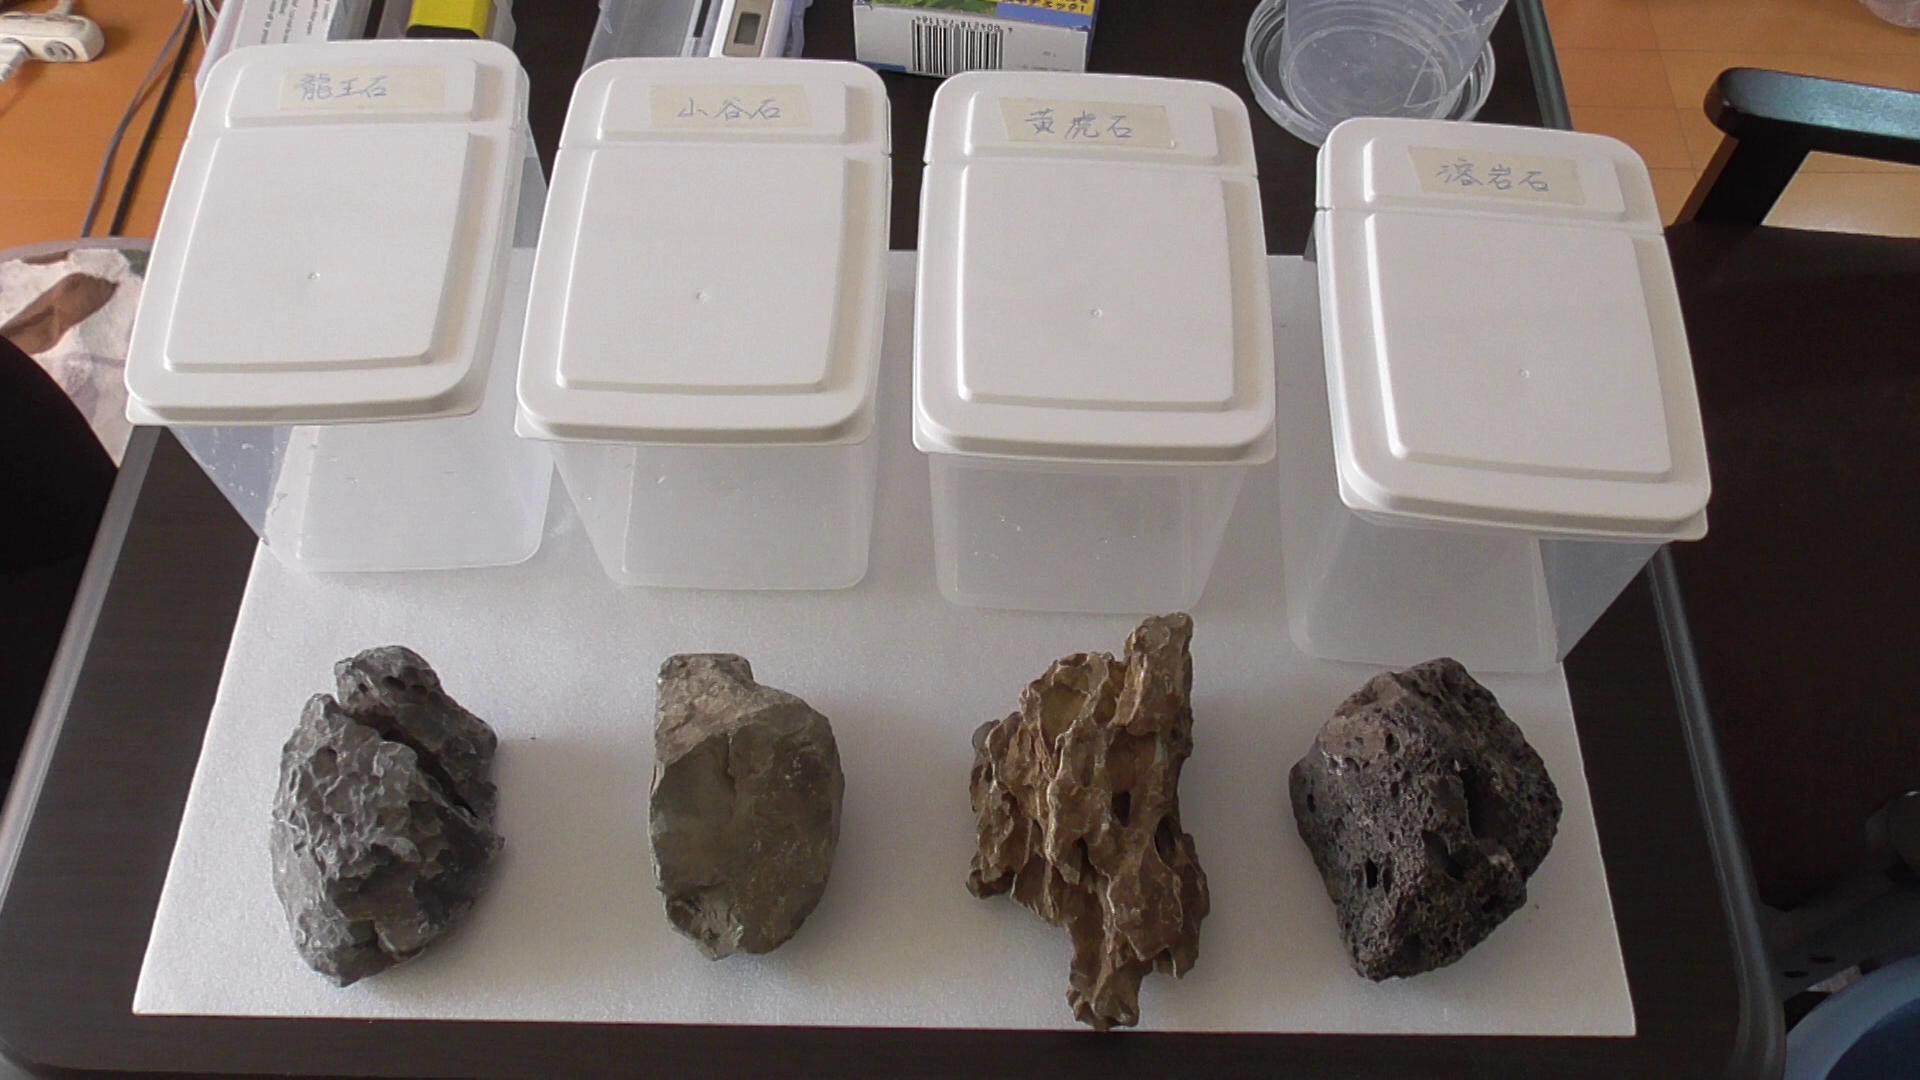 水槽レイアウトに使う石で 水の総硬度はどのくらい上がるか?